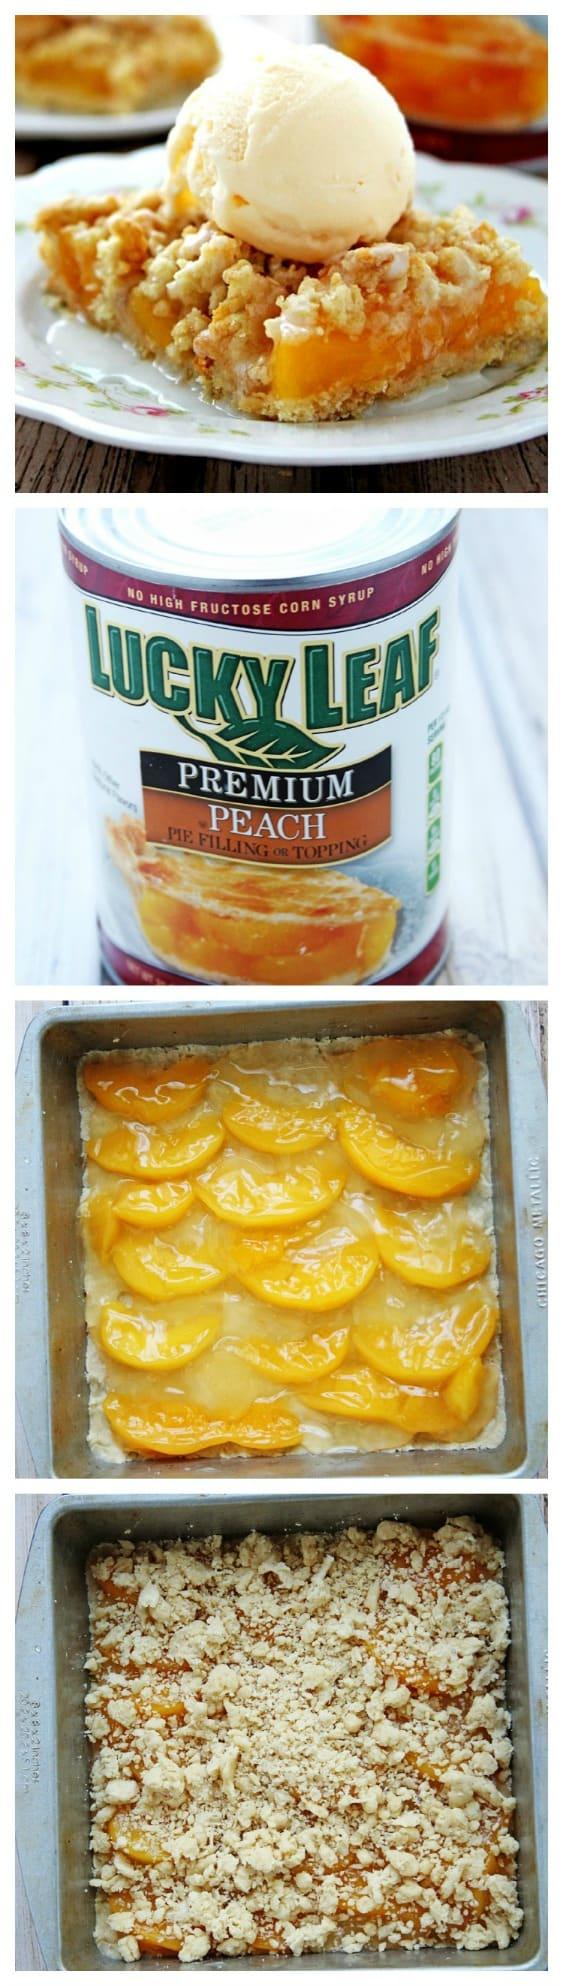 Peaches and Cream Crumb Bars a la Mode crunchycreamysweet.com recipe Peaches and Cream Bars a la Mode